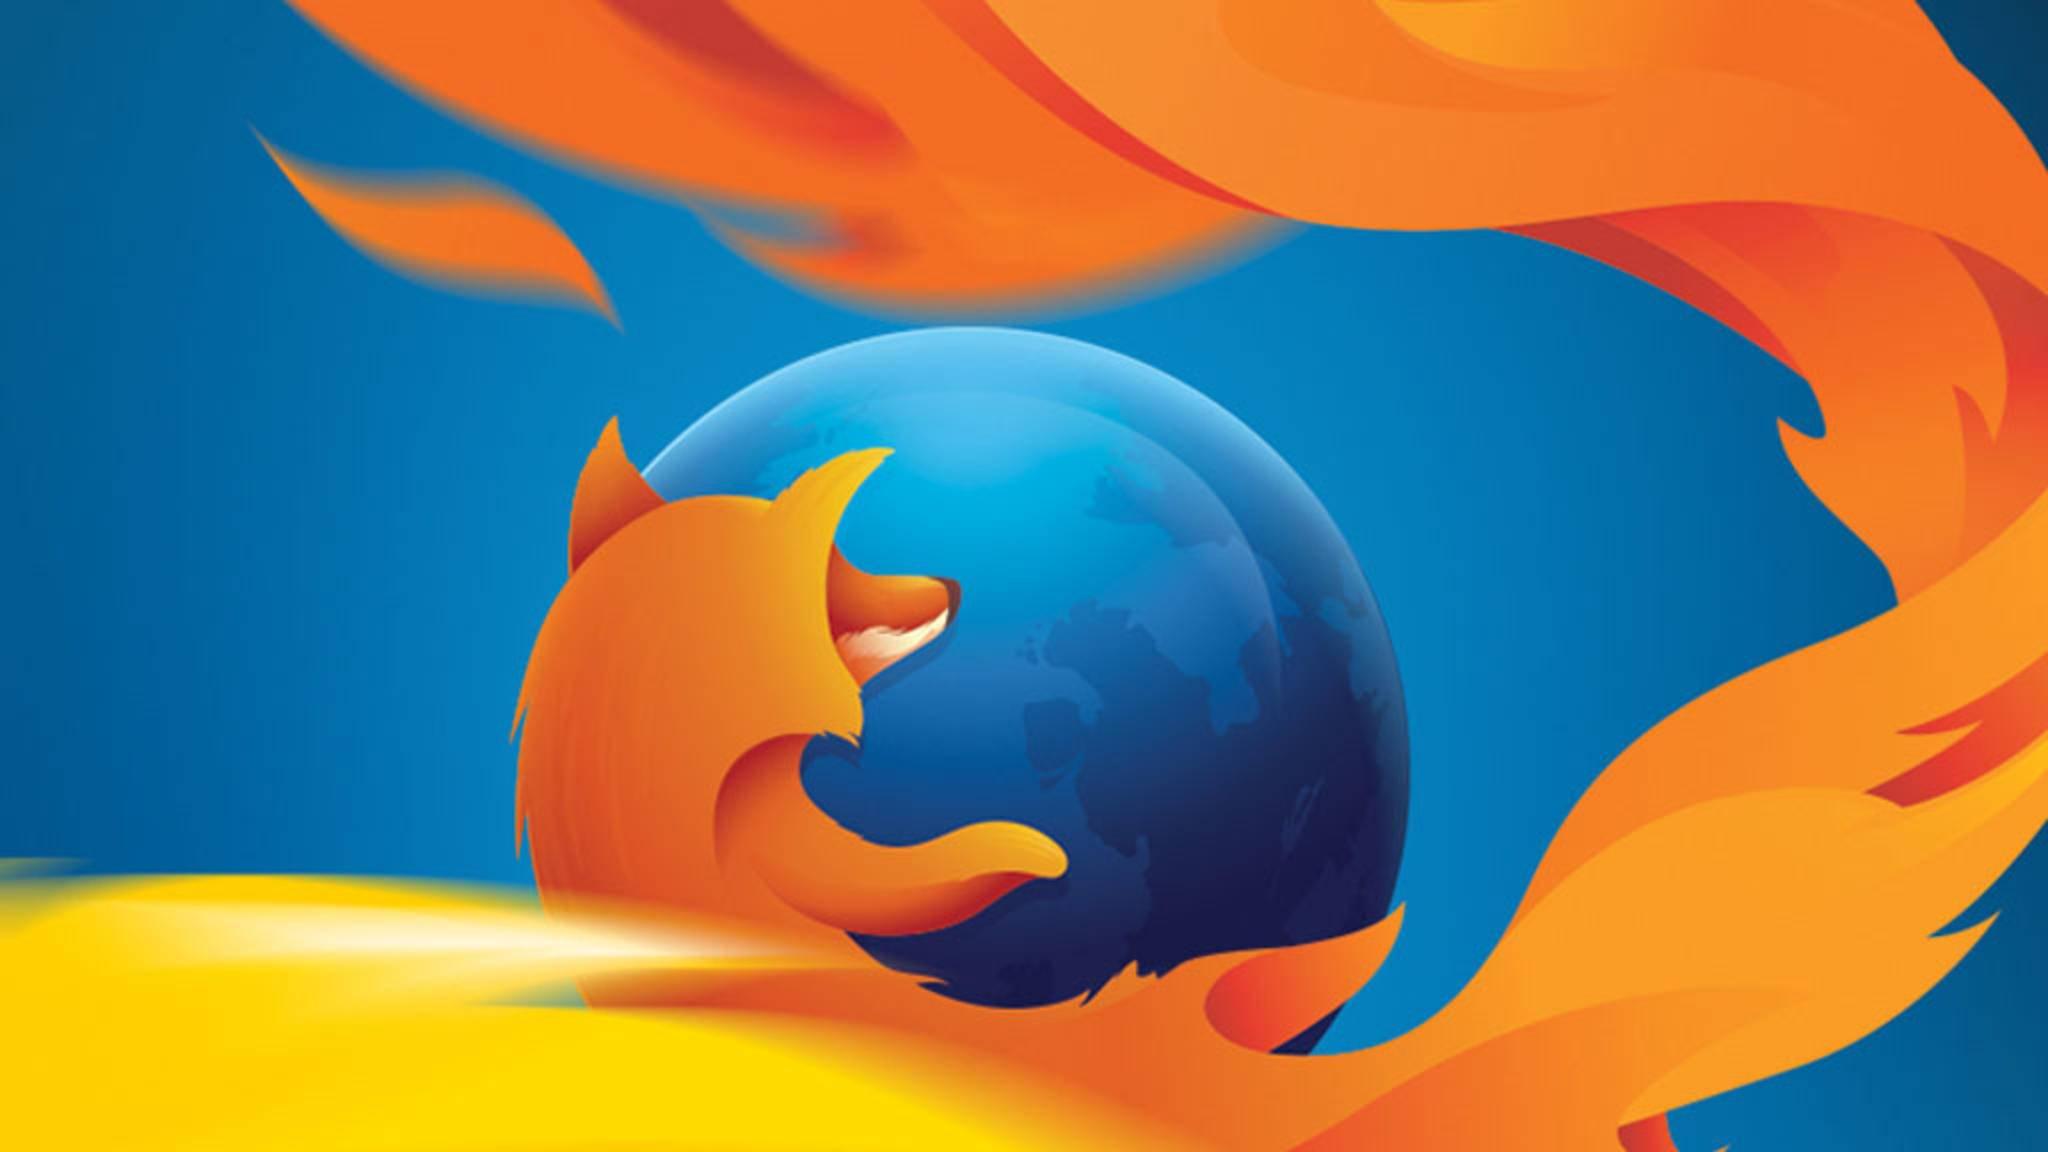 Deutsch oder Englisch? In Firefox lässt sich die Sprache ganz einfach ändern.